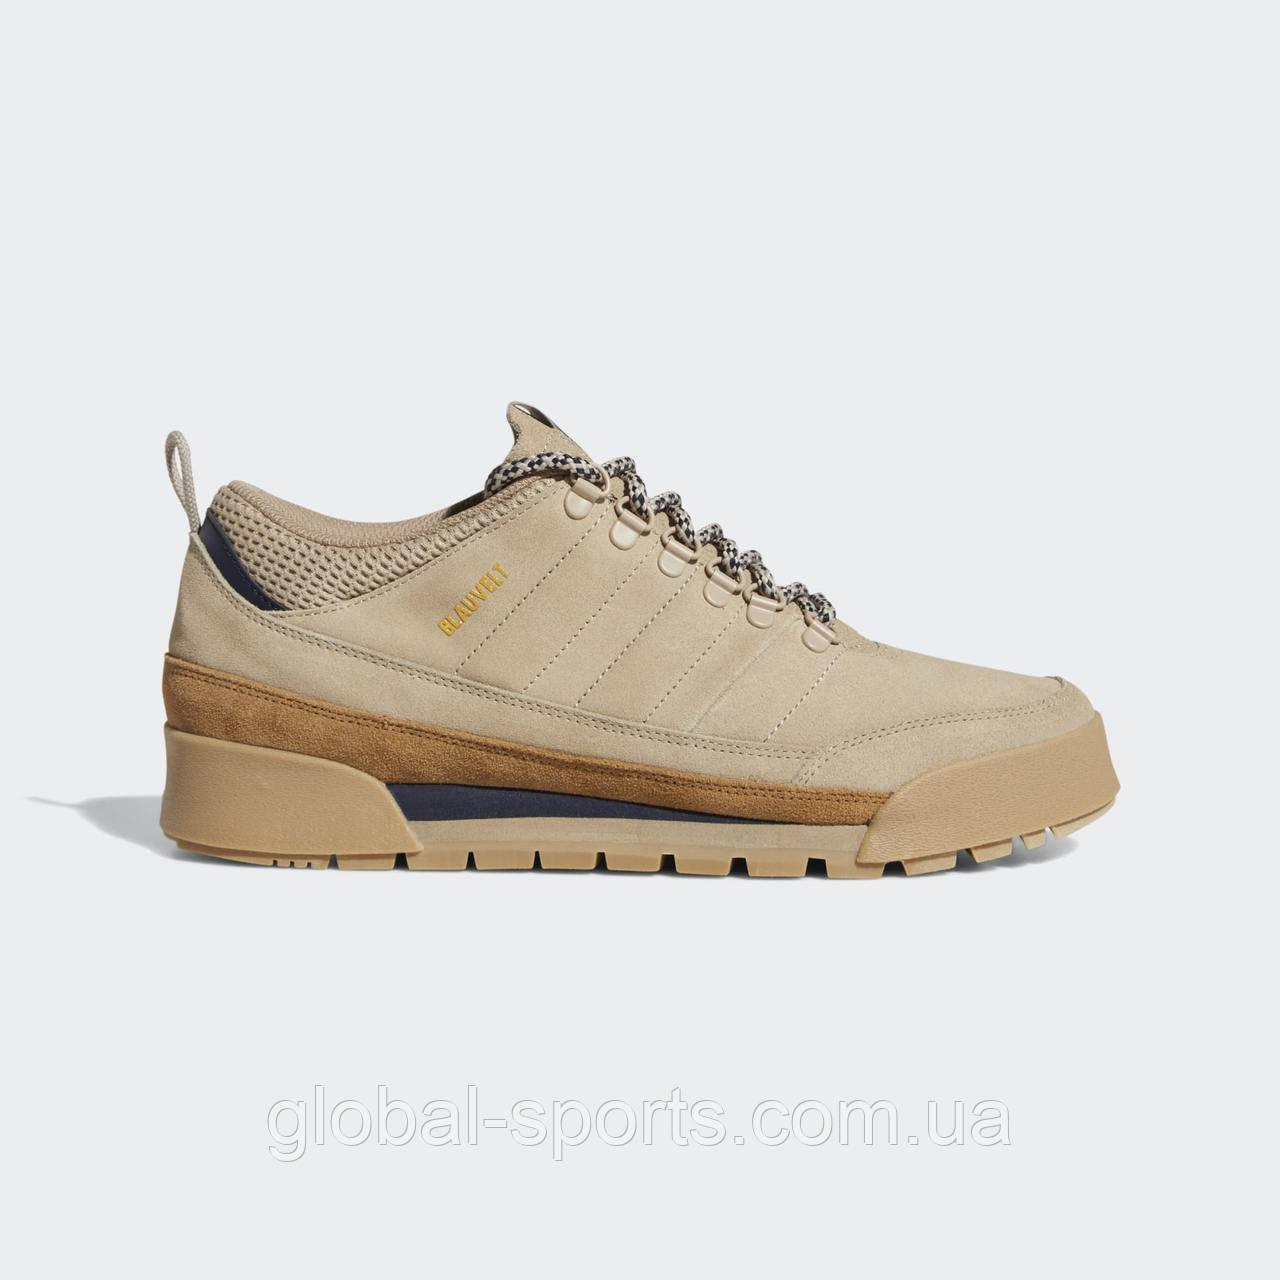 Чоловічі черевики Adidas Jake 2.0 Low(Артикул:EE6210)